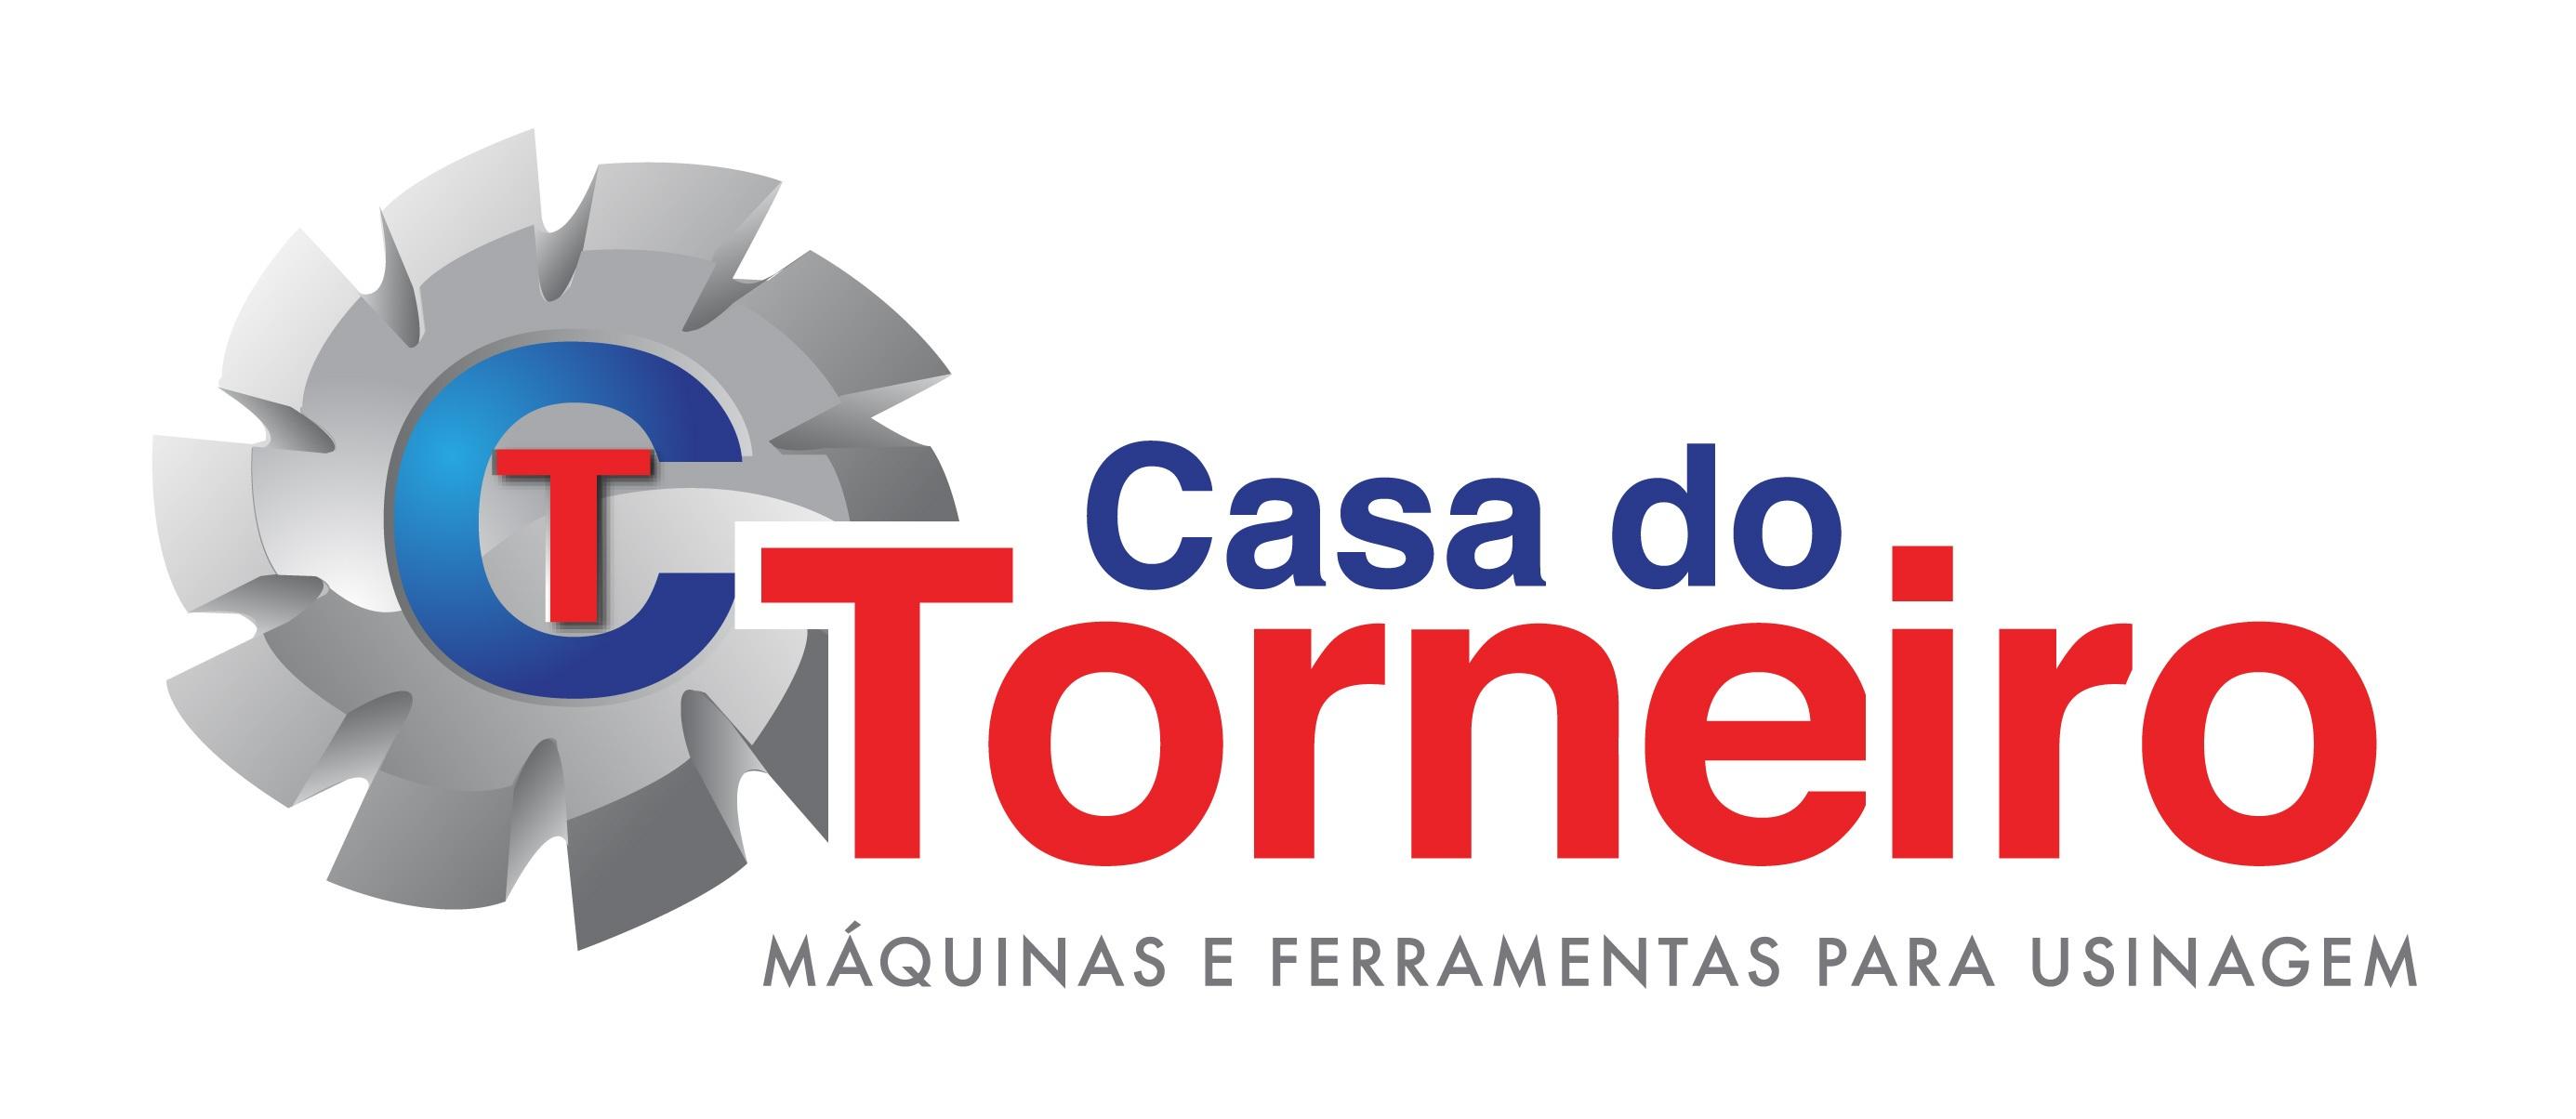 CASA DO TORNEIRO